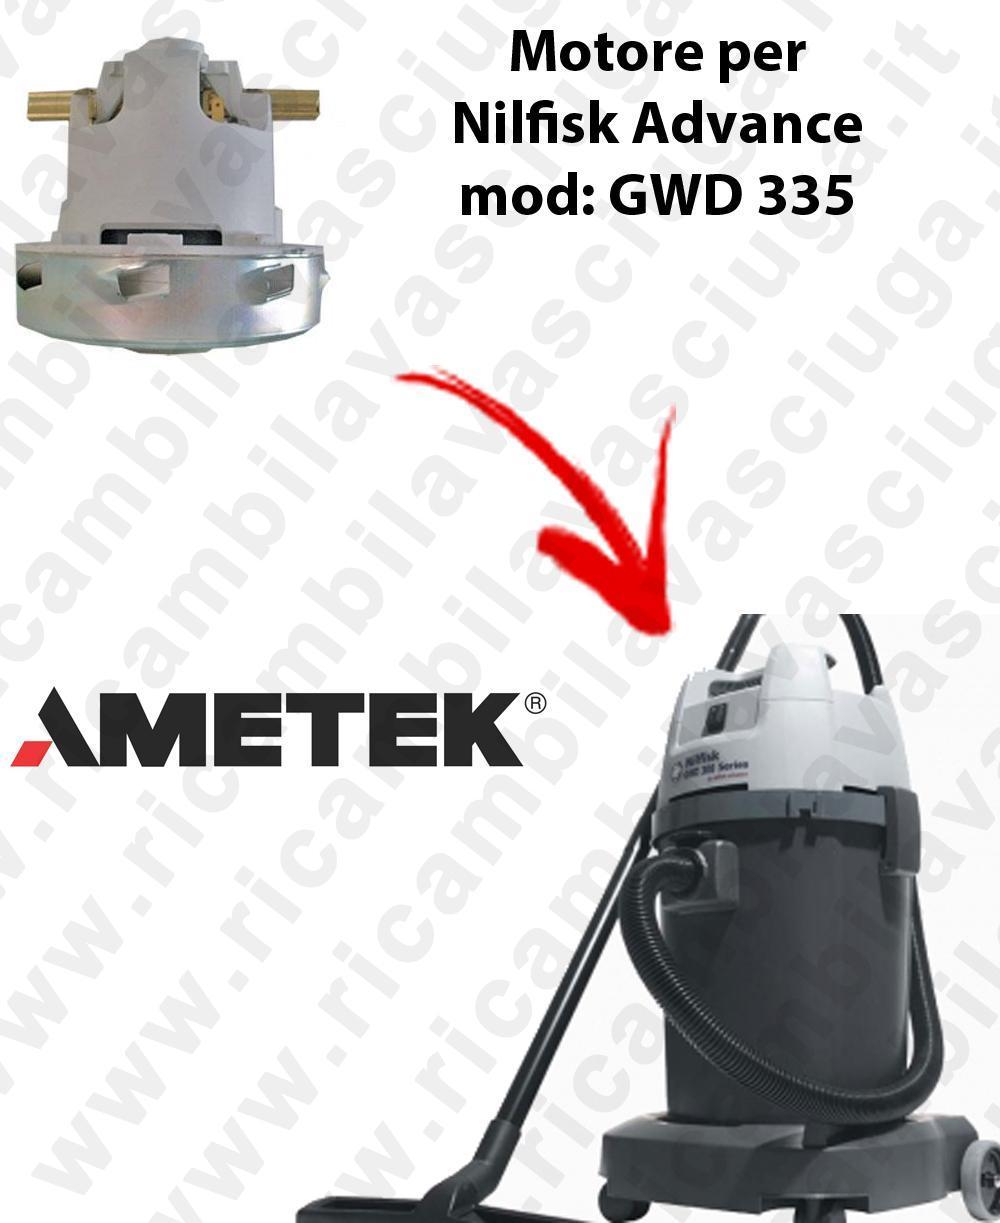 GWD 335  Ametek Vacuum Motor for Vacuum cleaner Nilfisk Advance